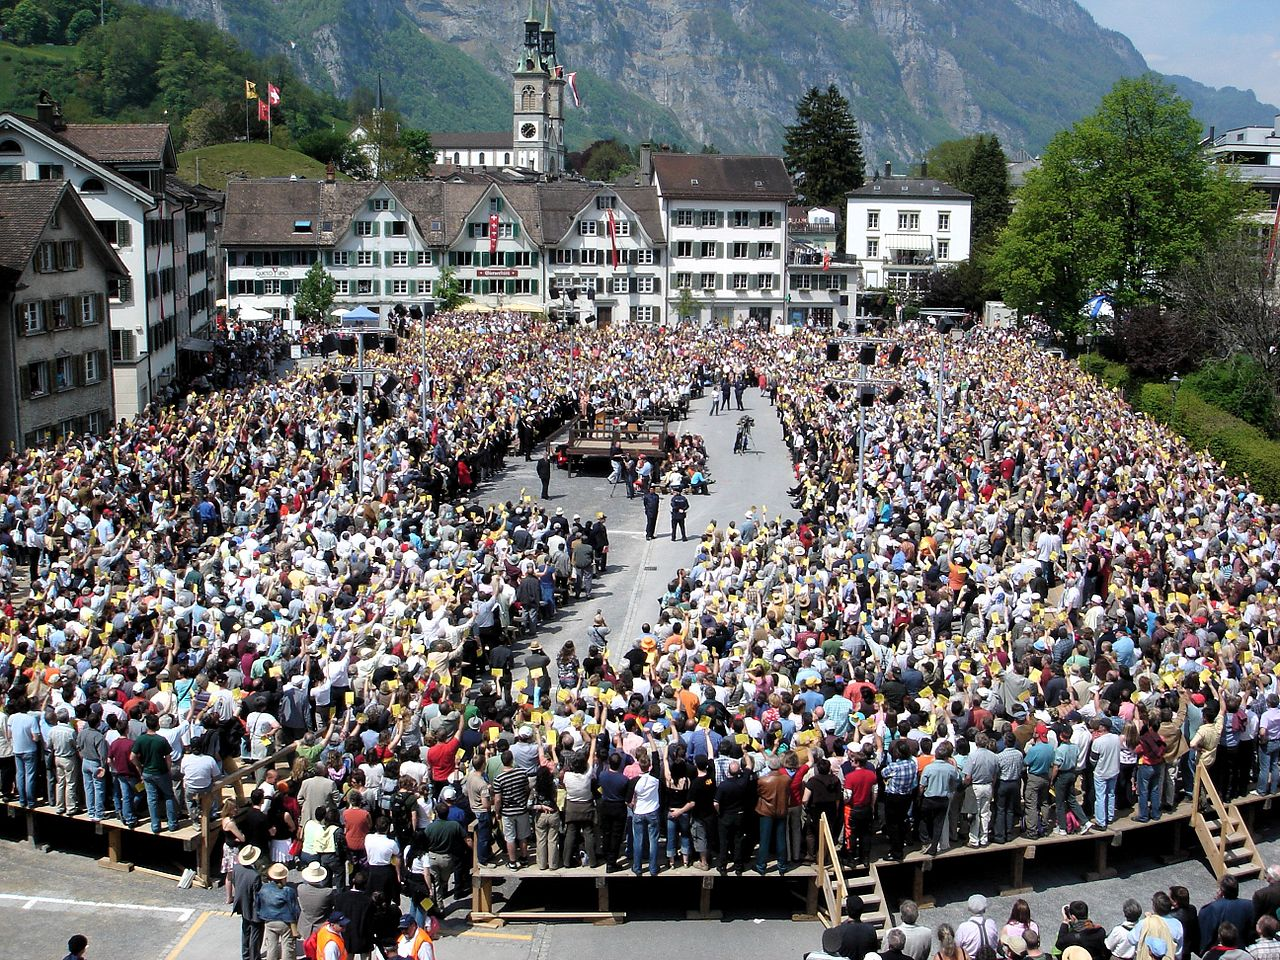 1280px-Landsgemeinde_Glarus_2006.jpg